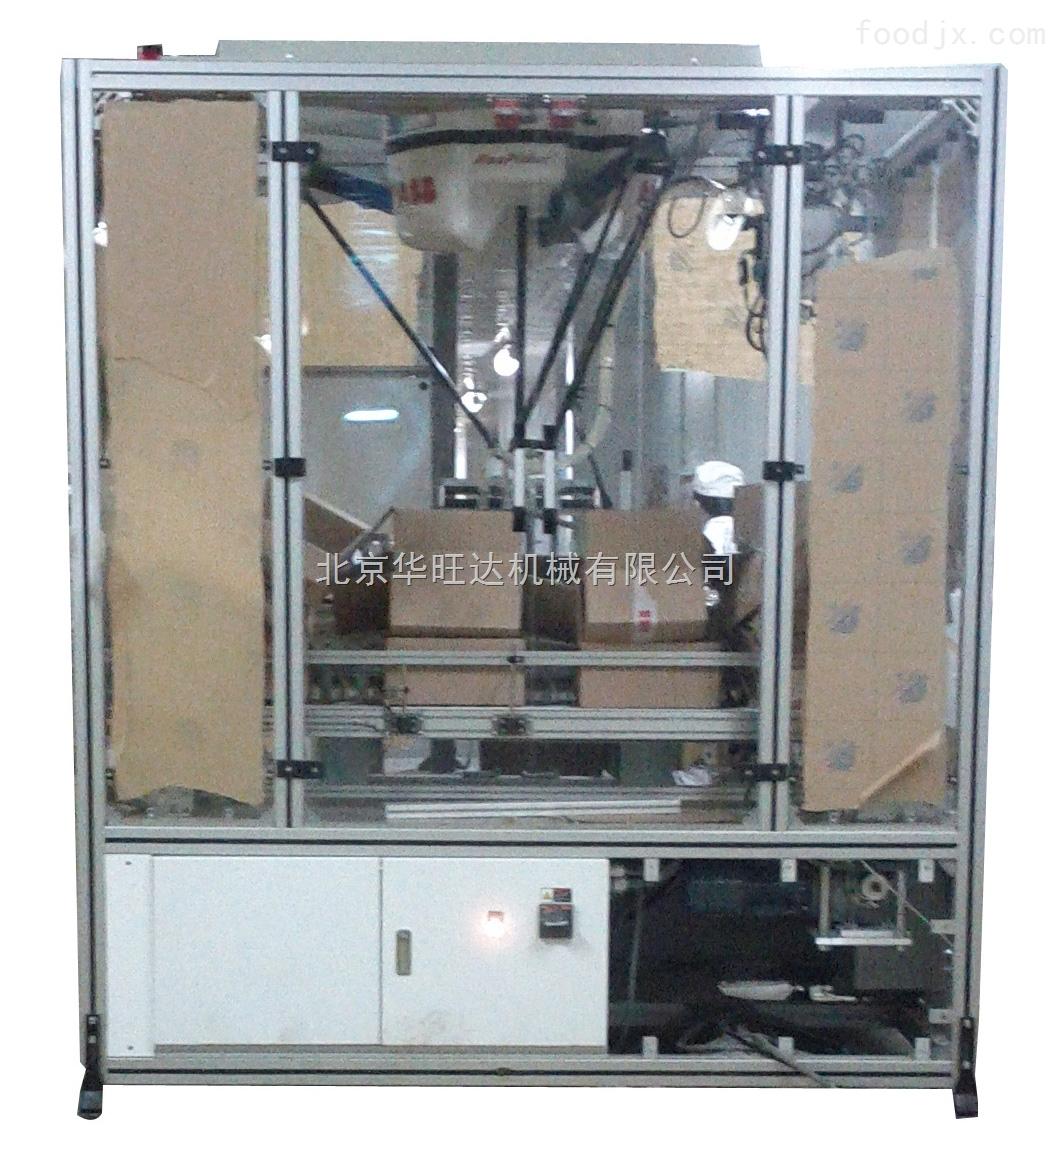 冰淇淋产品自动装箱机